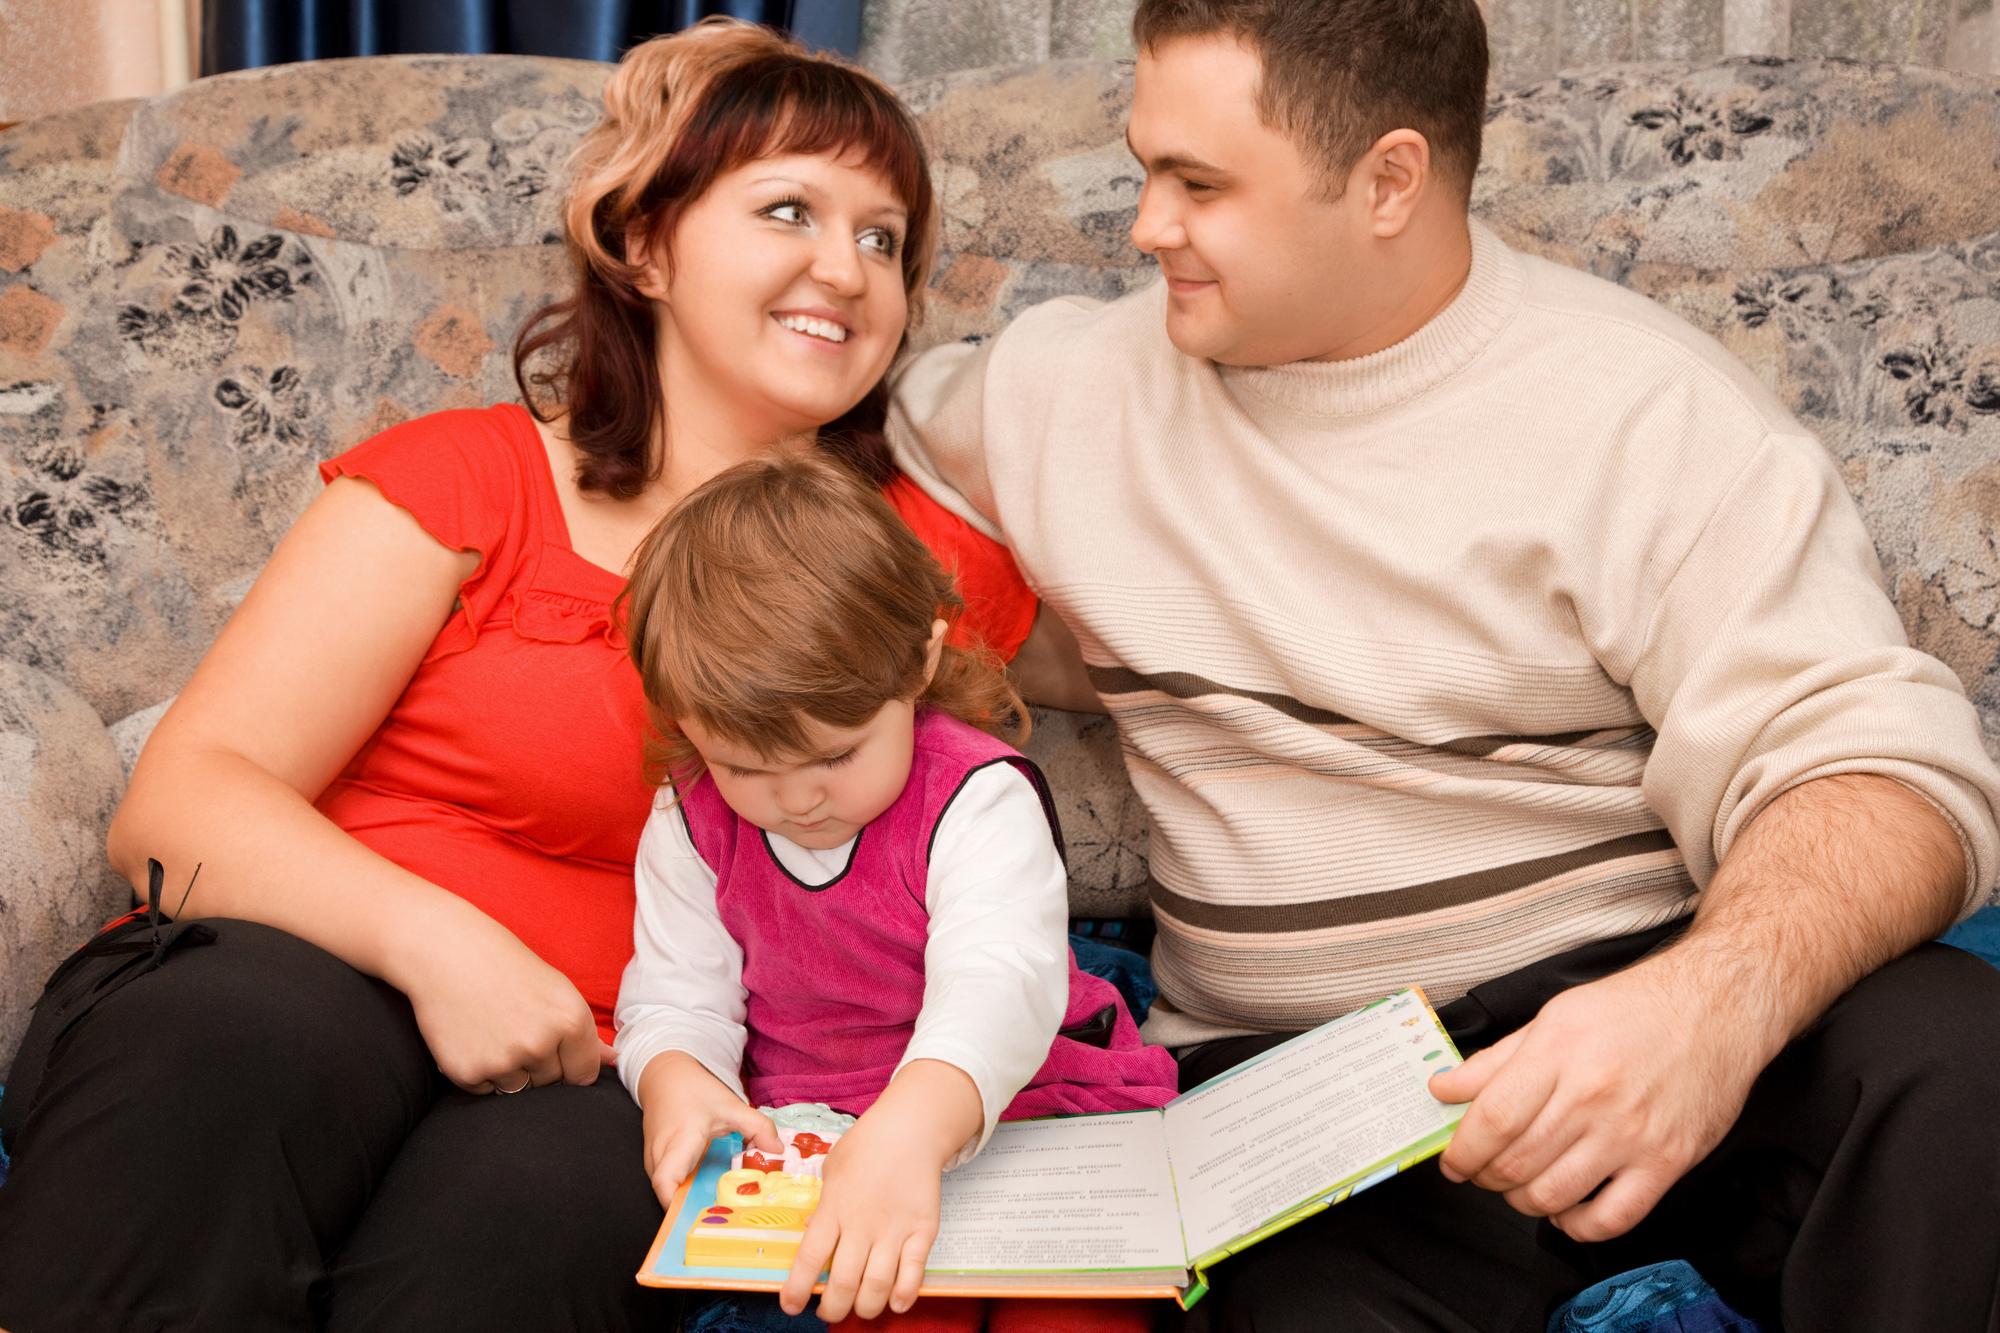 太った女性は母親みたいで安心する